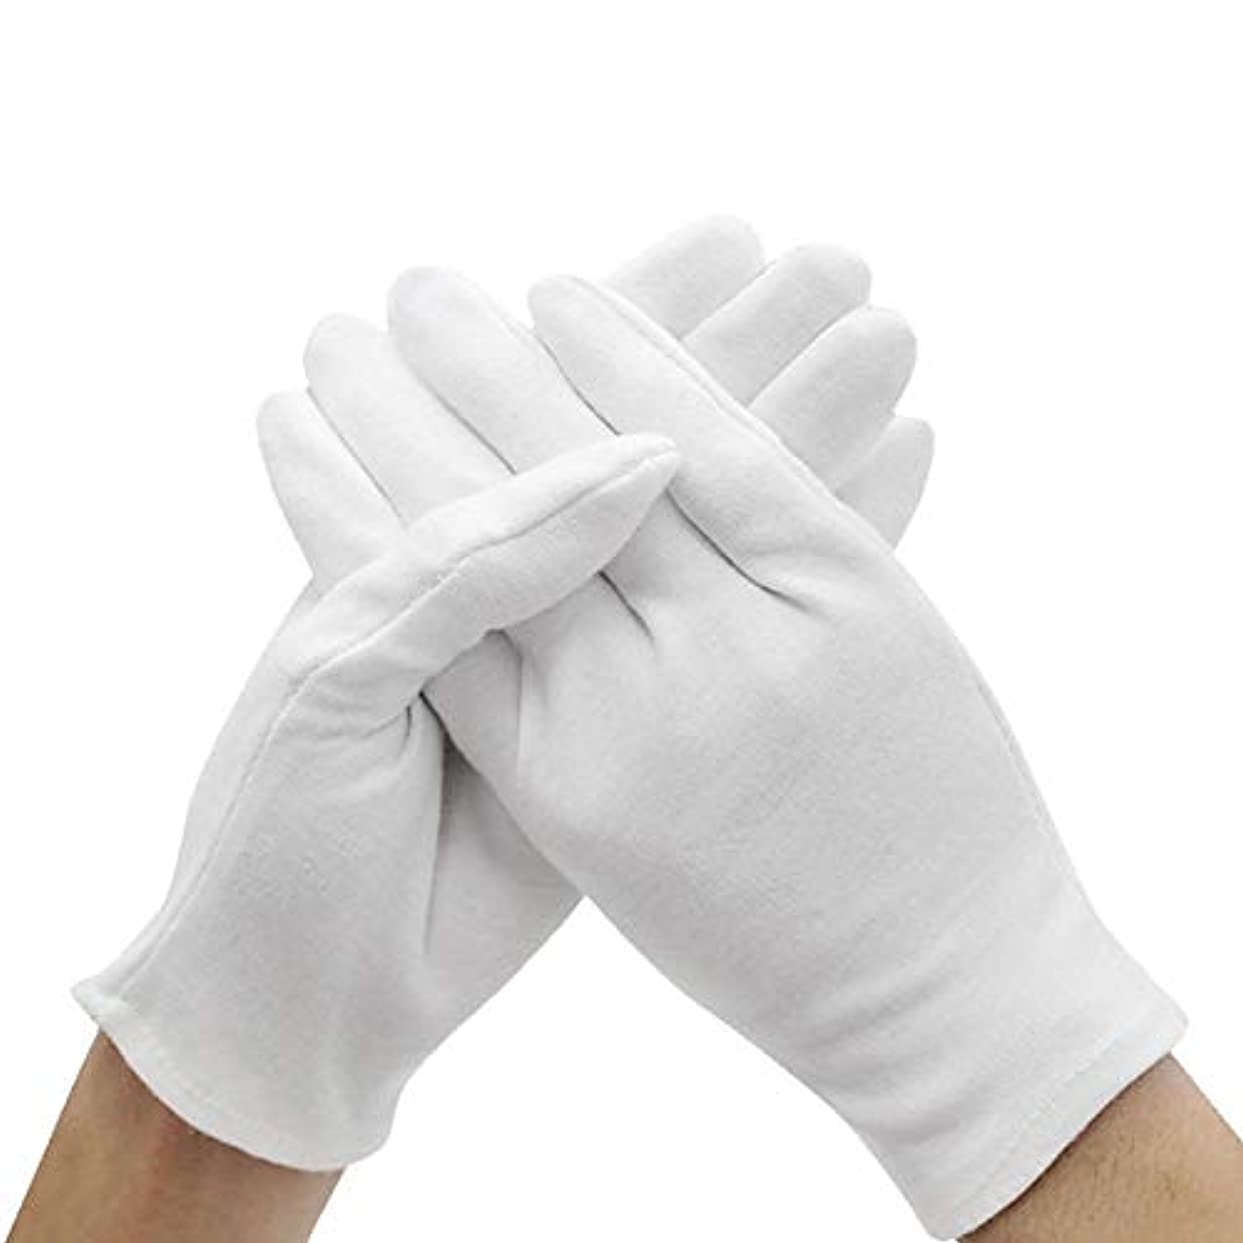 アソシエイト値する化合物コットン手袋 綿 手荒れ予防 【湿疹用 乾燥肌用 保湿用 礼装用】純綿100% 白手袋 作業用 インナー手袋,ワンサイズ,エチケットの機会